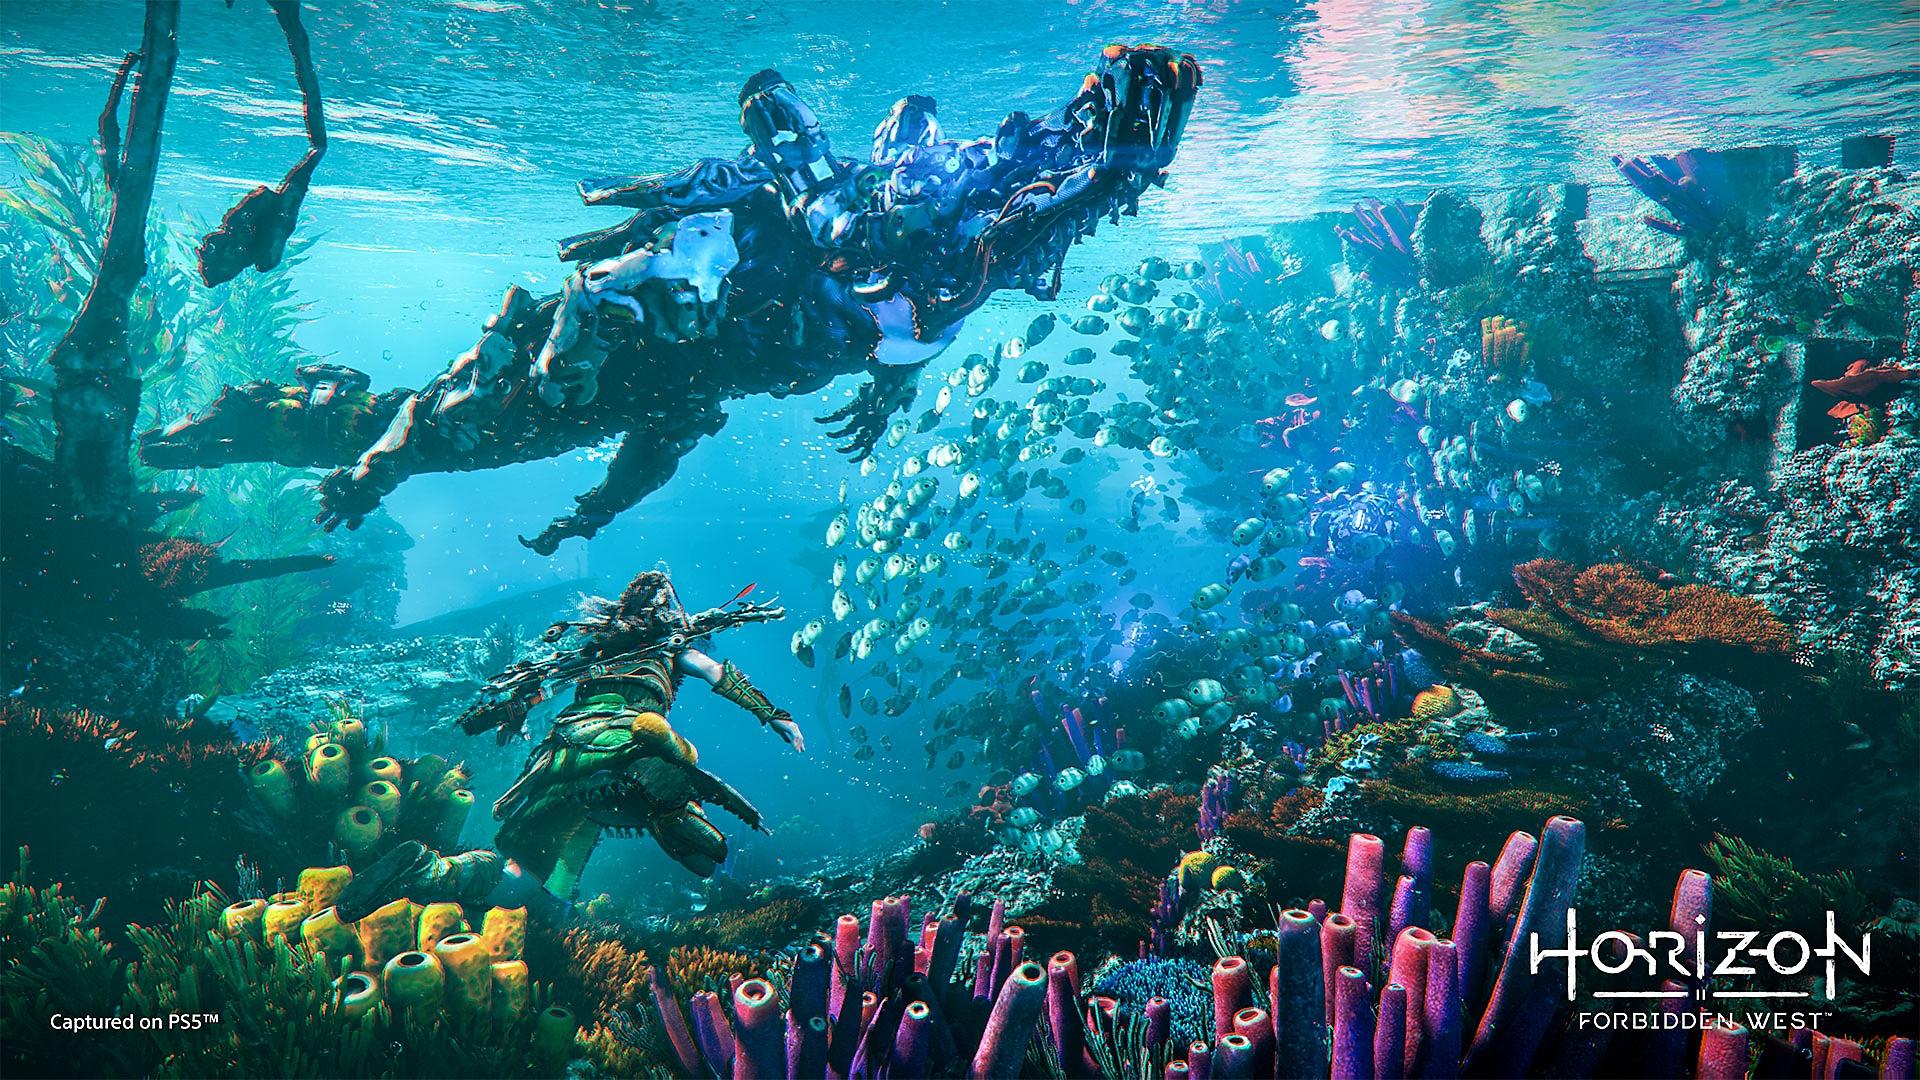 Horizon Forbidden West, Aloy underwater view